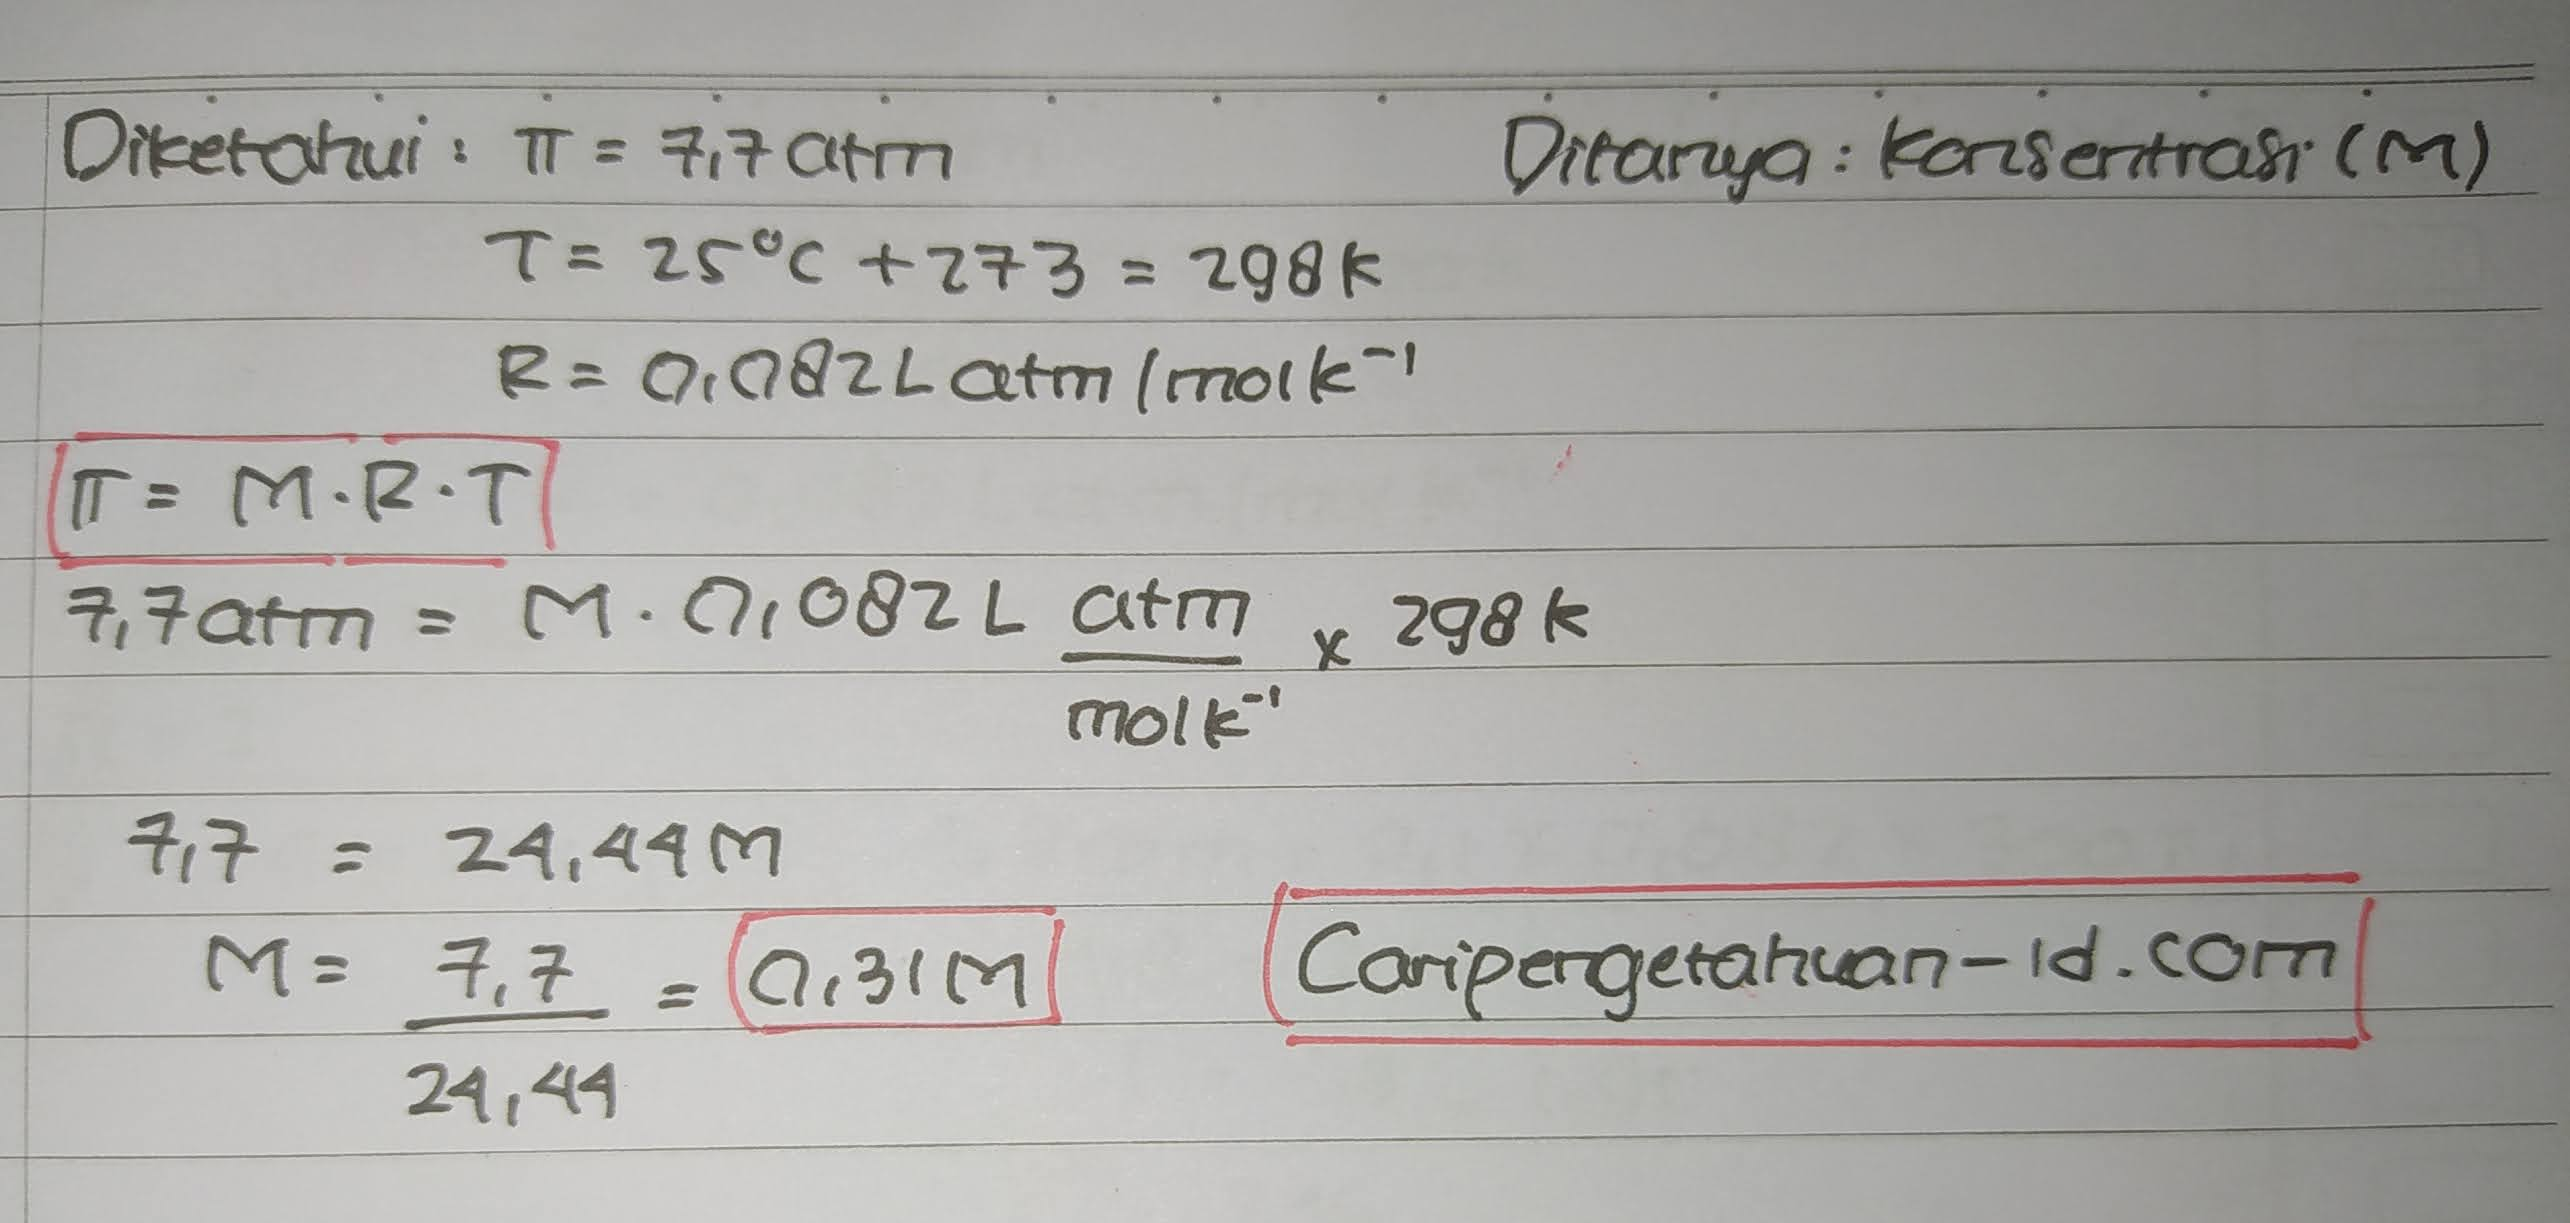 Tekanan osmosis rata-rata dalam darah adalah 7,7 atm pada suhu 25°C maka konsentrasi glukosa (C6H12O6) yang bersifat isotonik dengan darah adalah